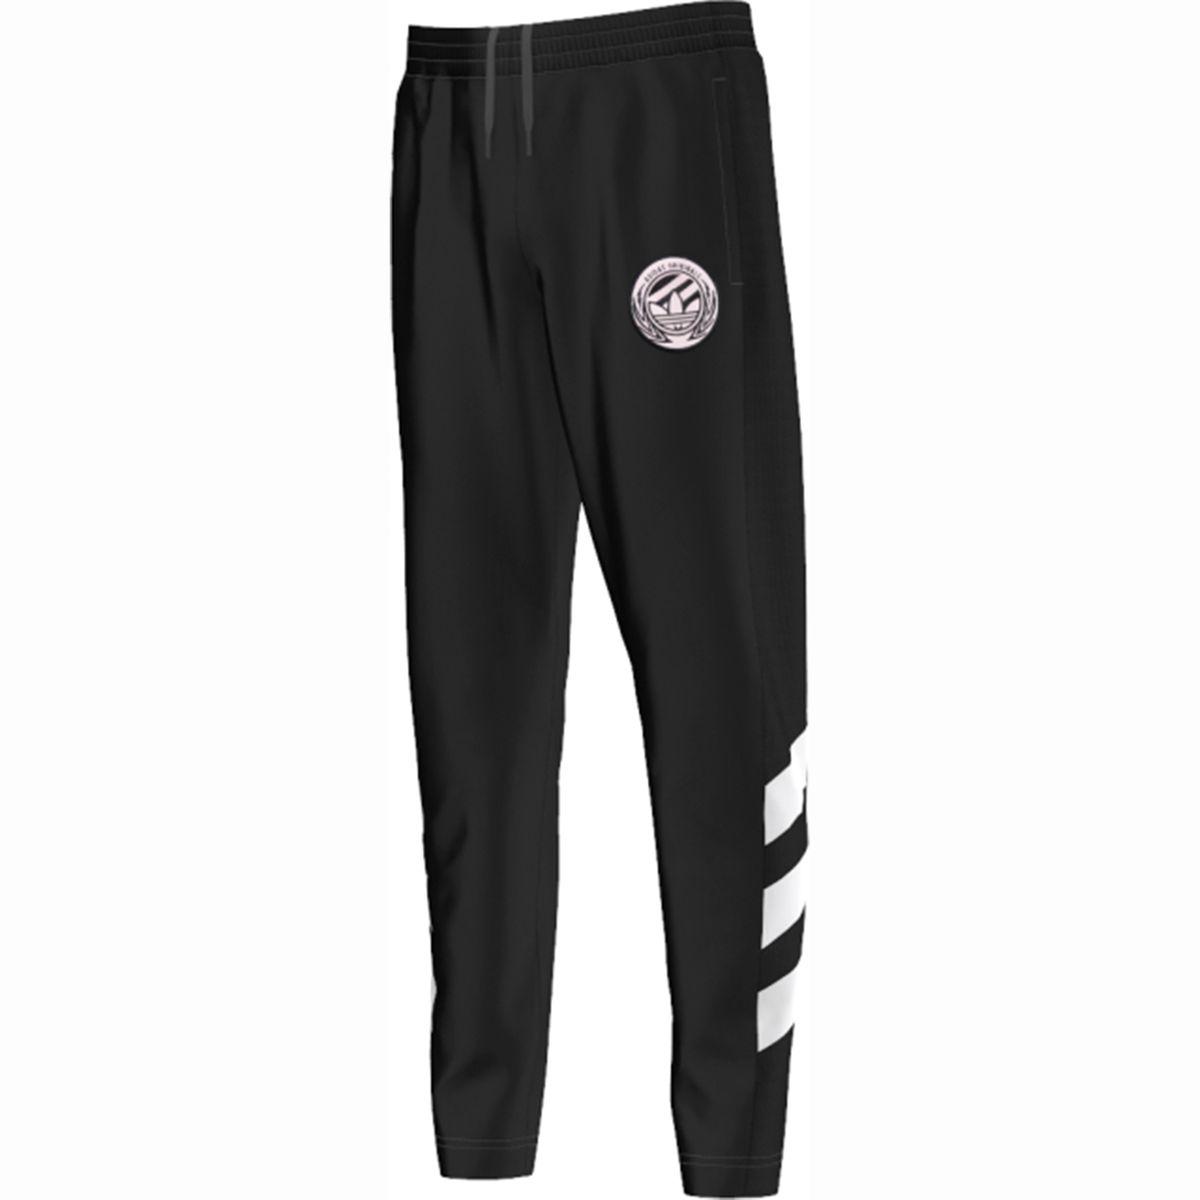 Pantalon de sport 5 - 16 ans